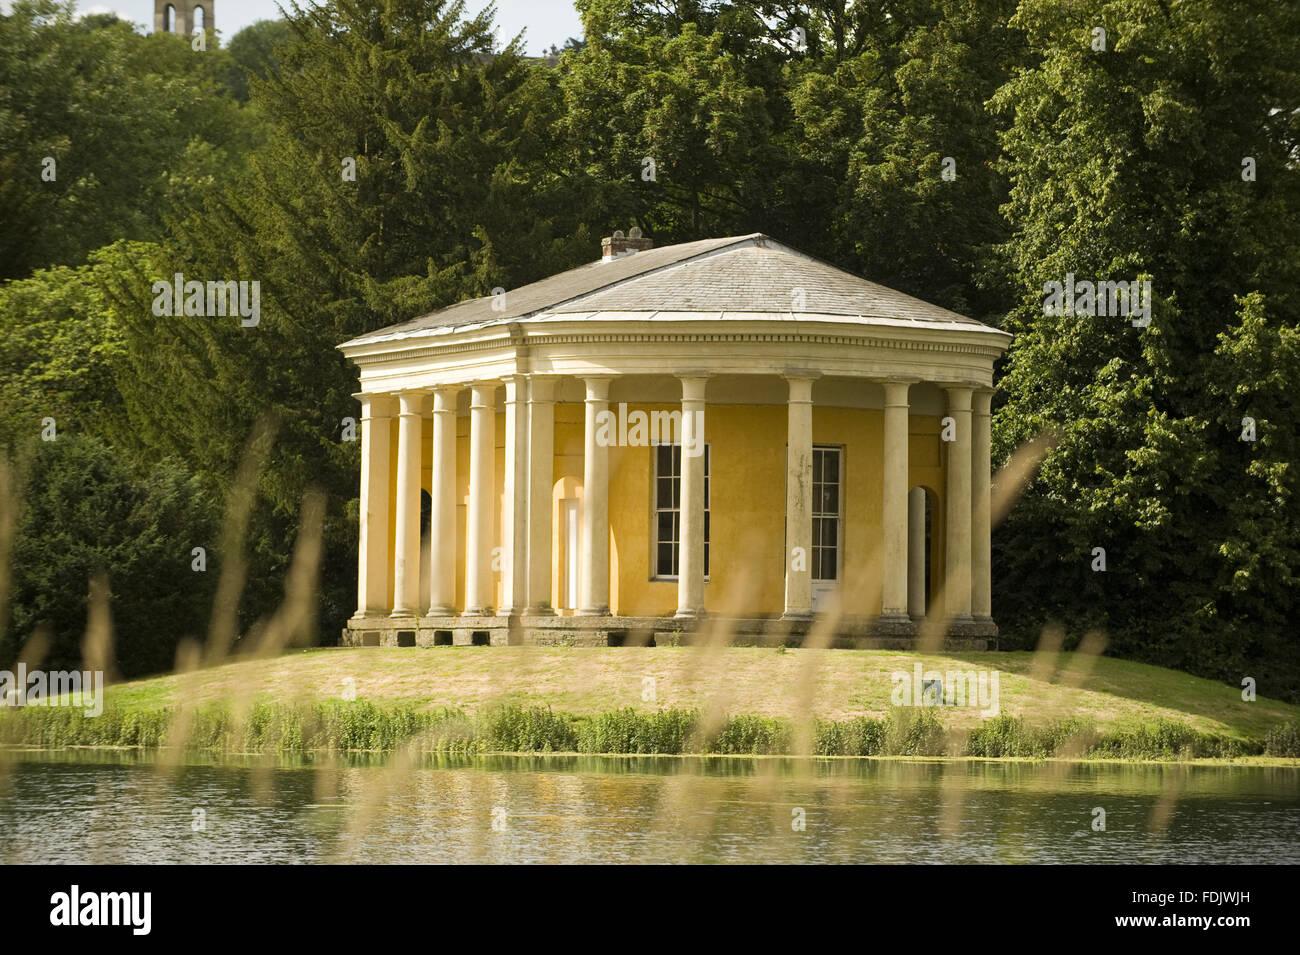 Der Musik-Tempel auf einer Insel im See im West Wycombe Park, Buckinghamshire. Der Tempel hat eine dorische Kolonnade Stockbild